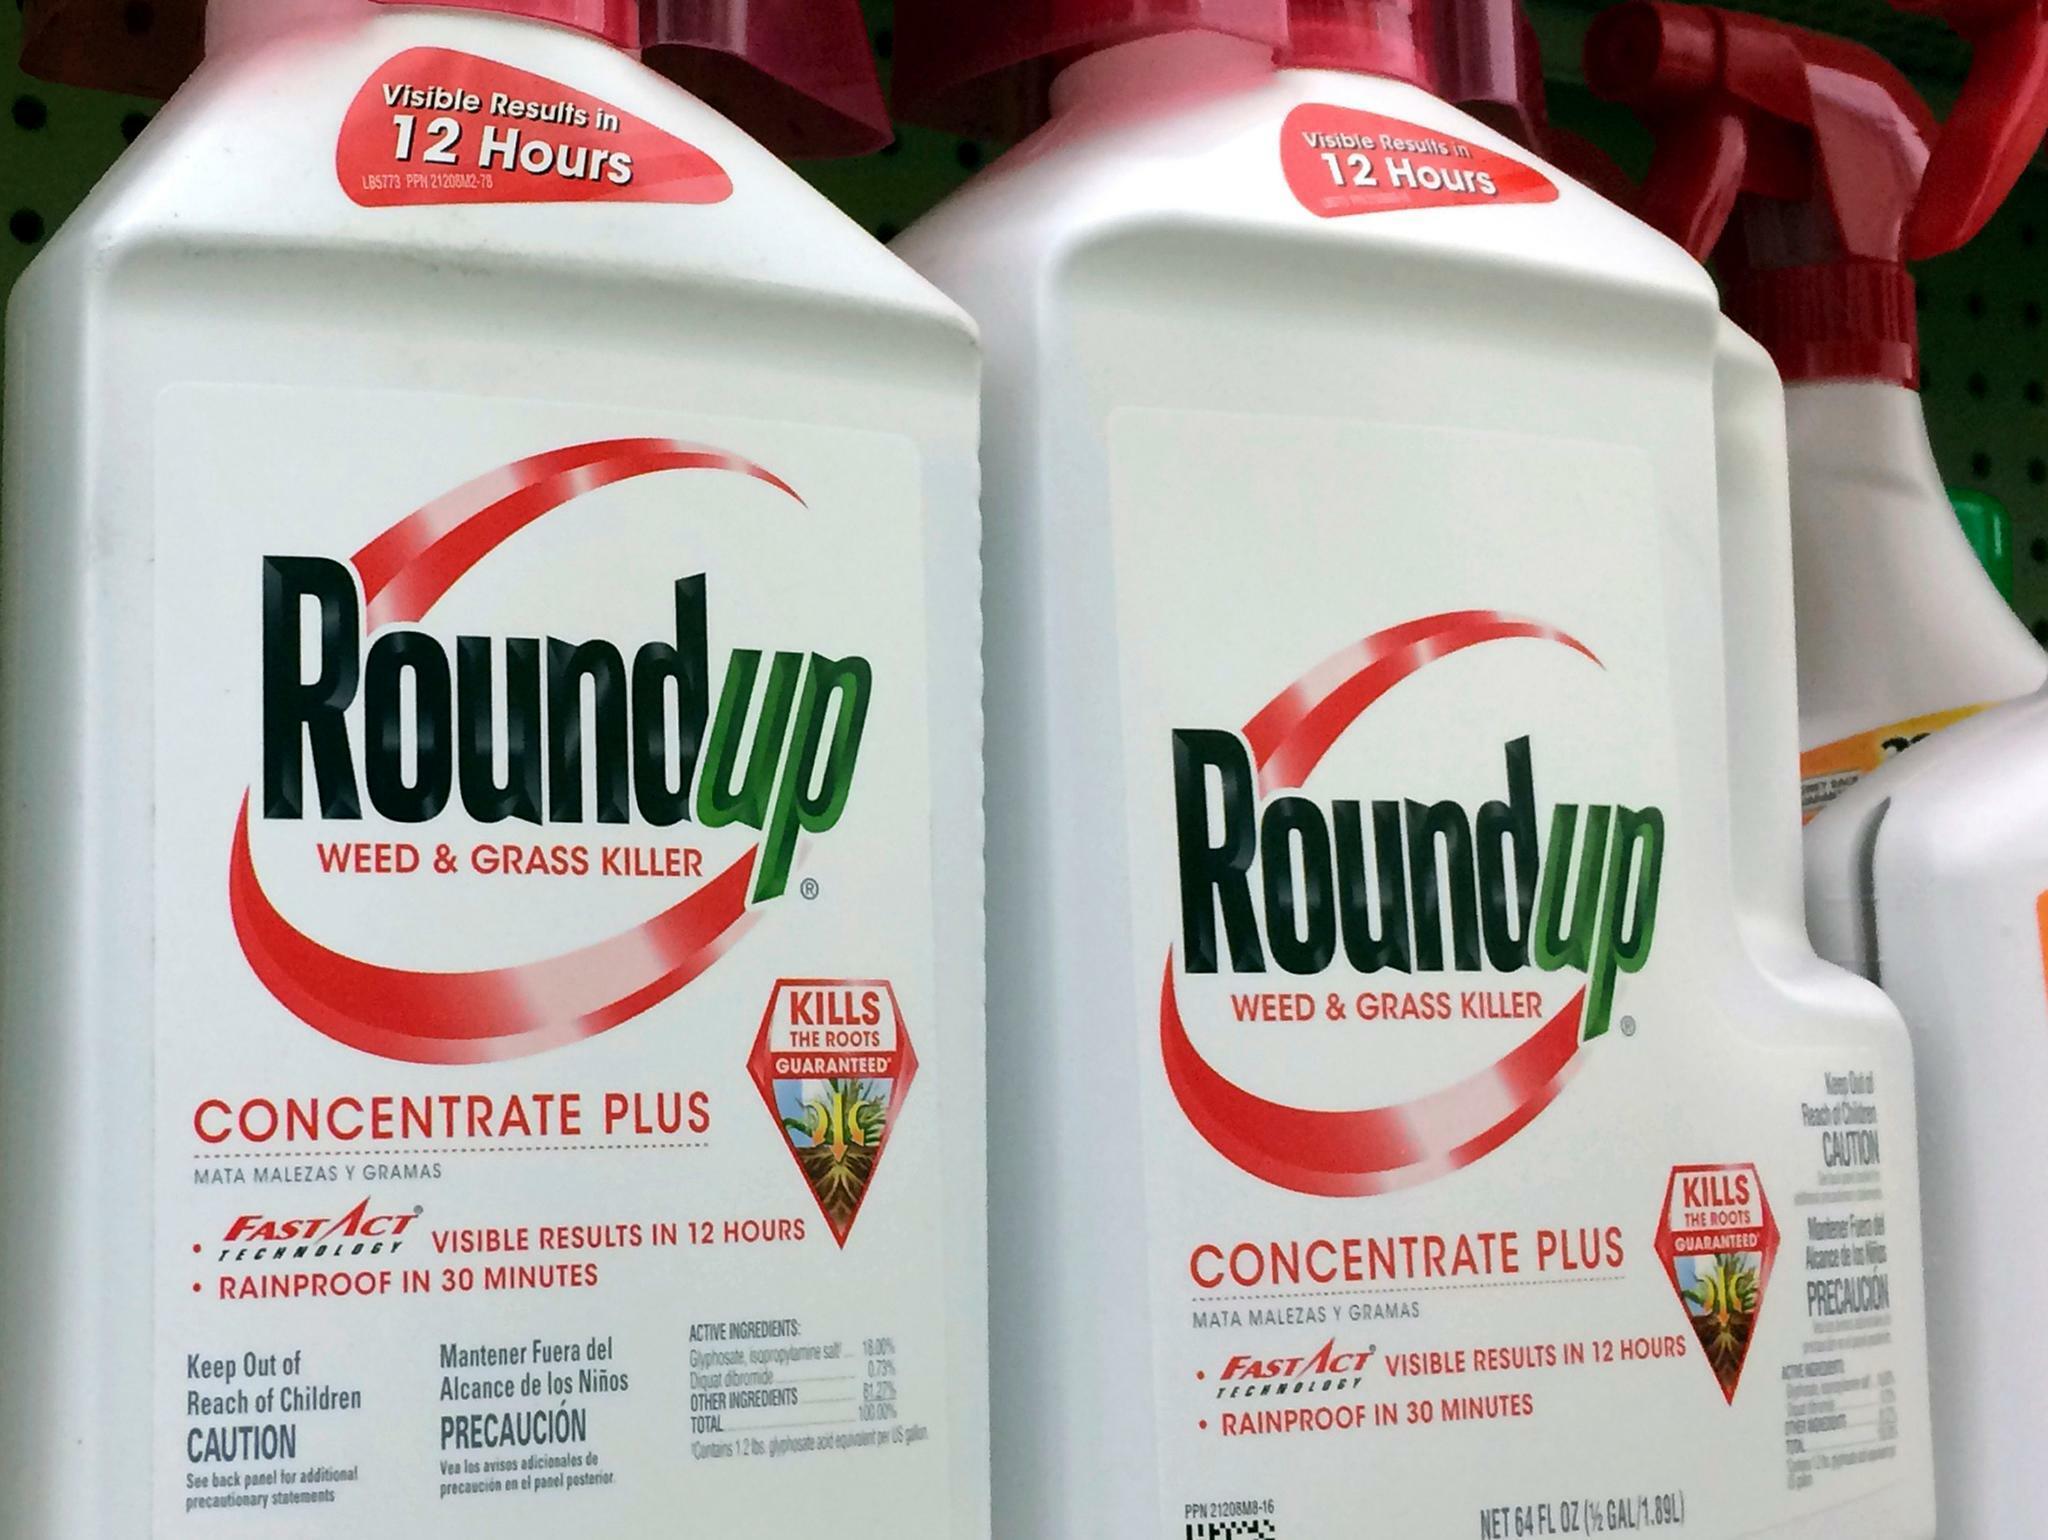 Bayer erwartet deutlichen Anstieg der Glyphosat-Klagen